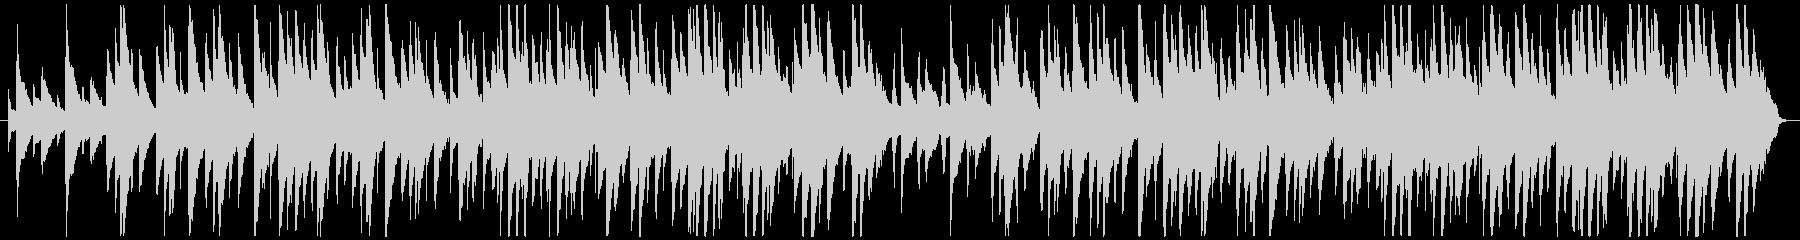 テープ録音風ピアノアンサンブルの未再生の波形